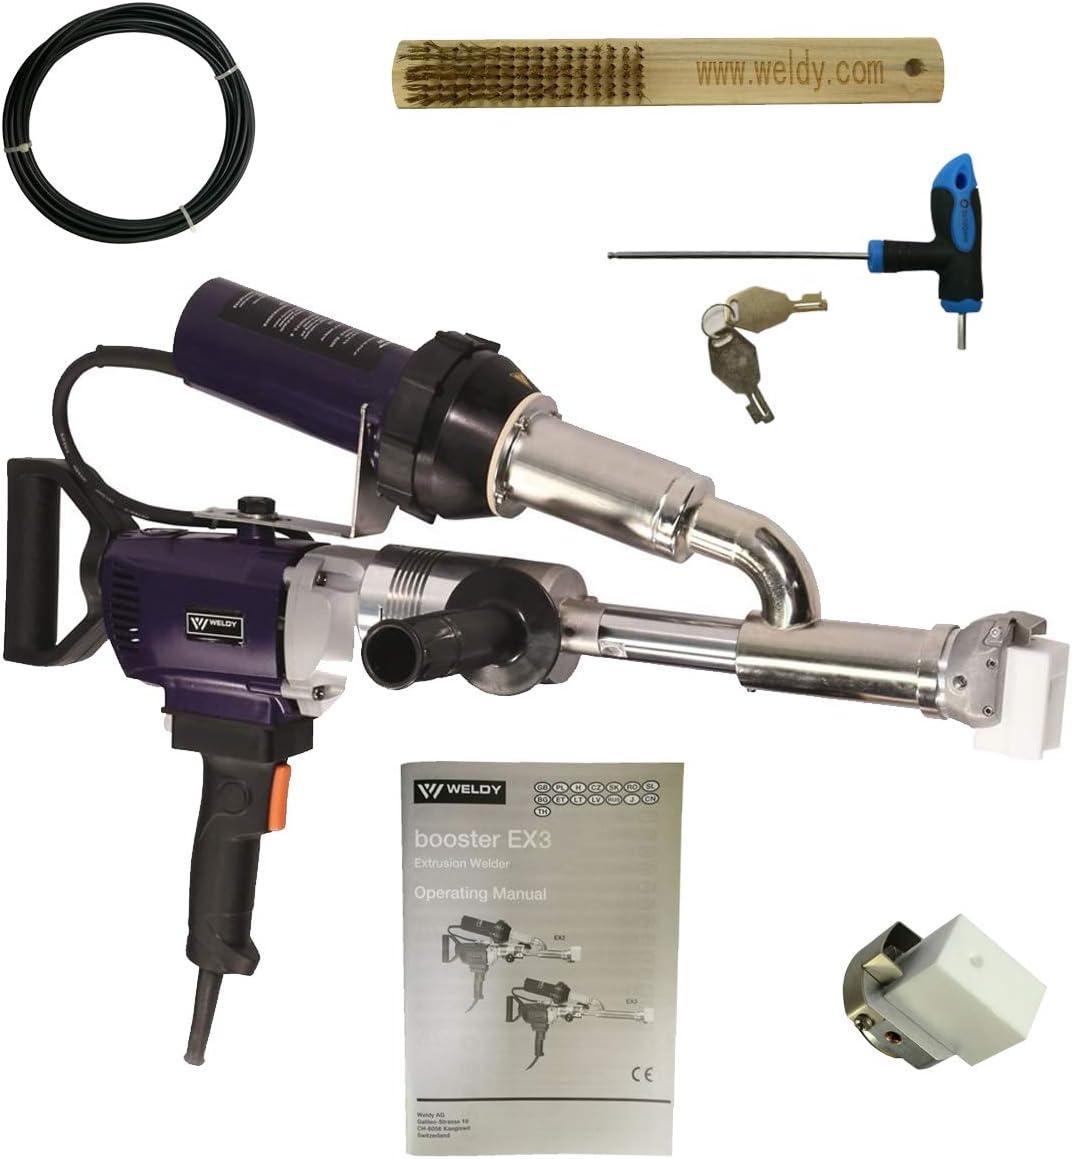 WELDY Handheld Plastic Extrusion Welding Machine Kit Hot Air Plastic Welder Gun Vinyl Weld Extruder Welder Machine Booster EX3